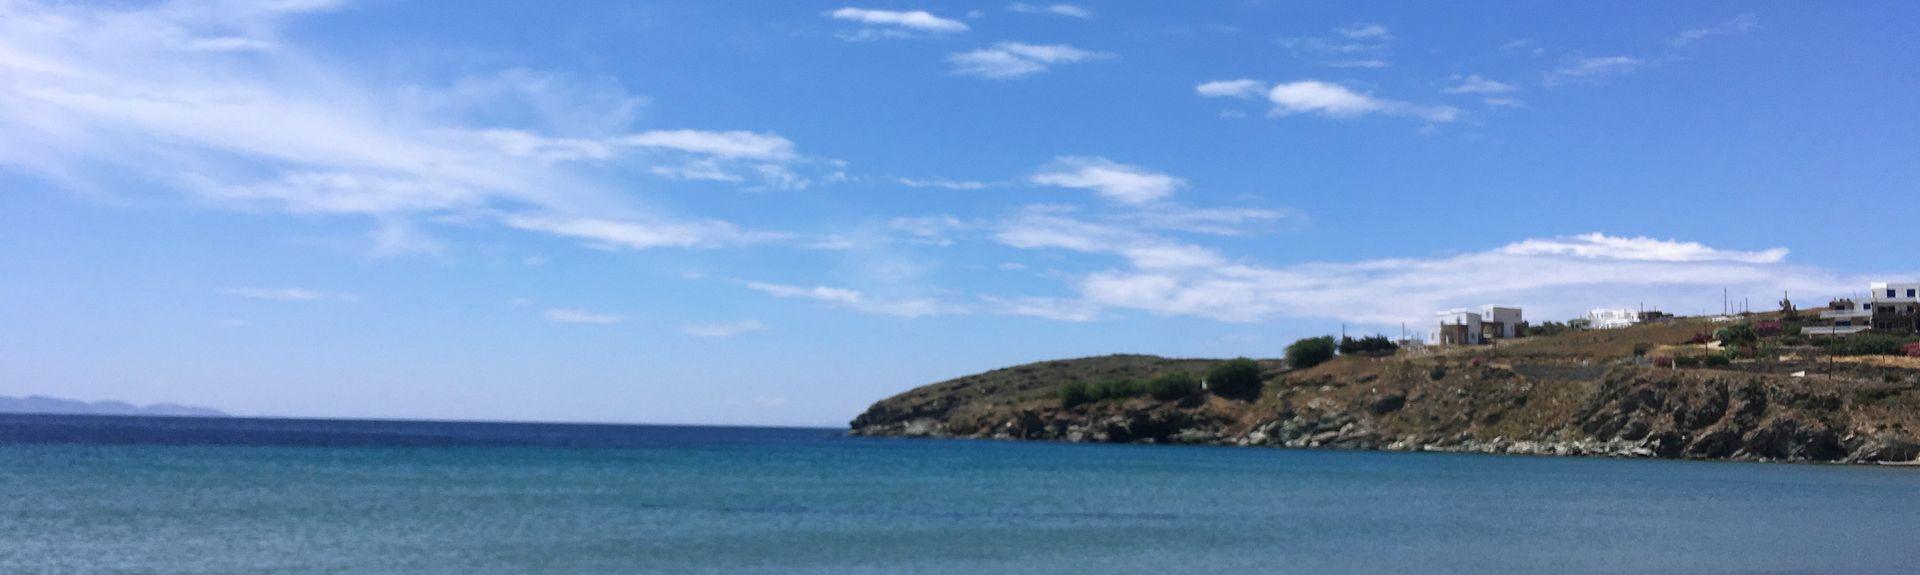 Panormos, Tinos, Greece